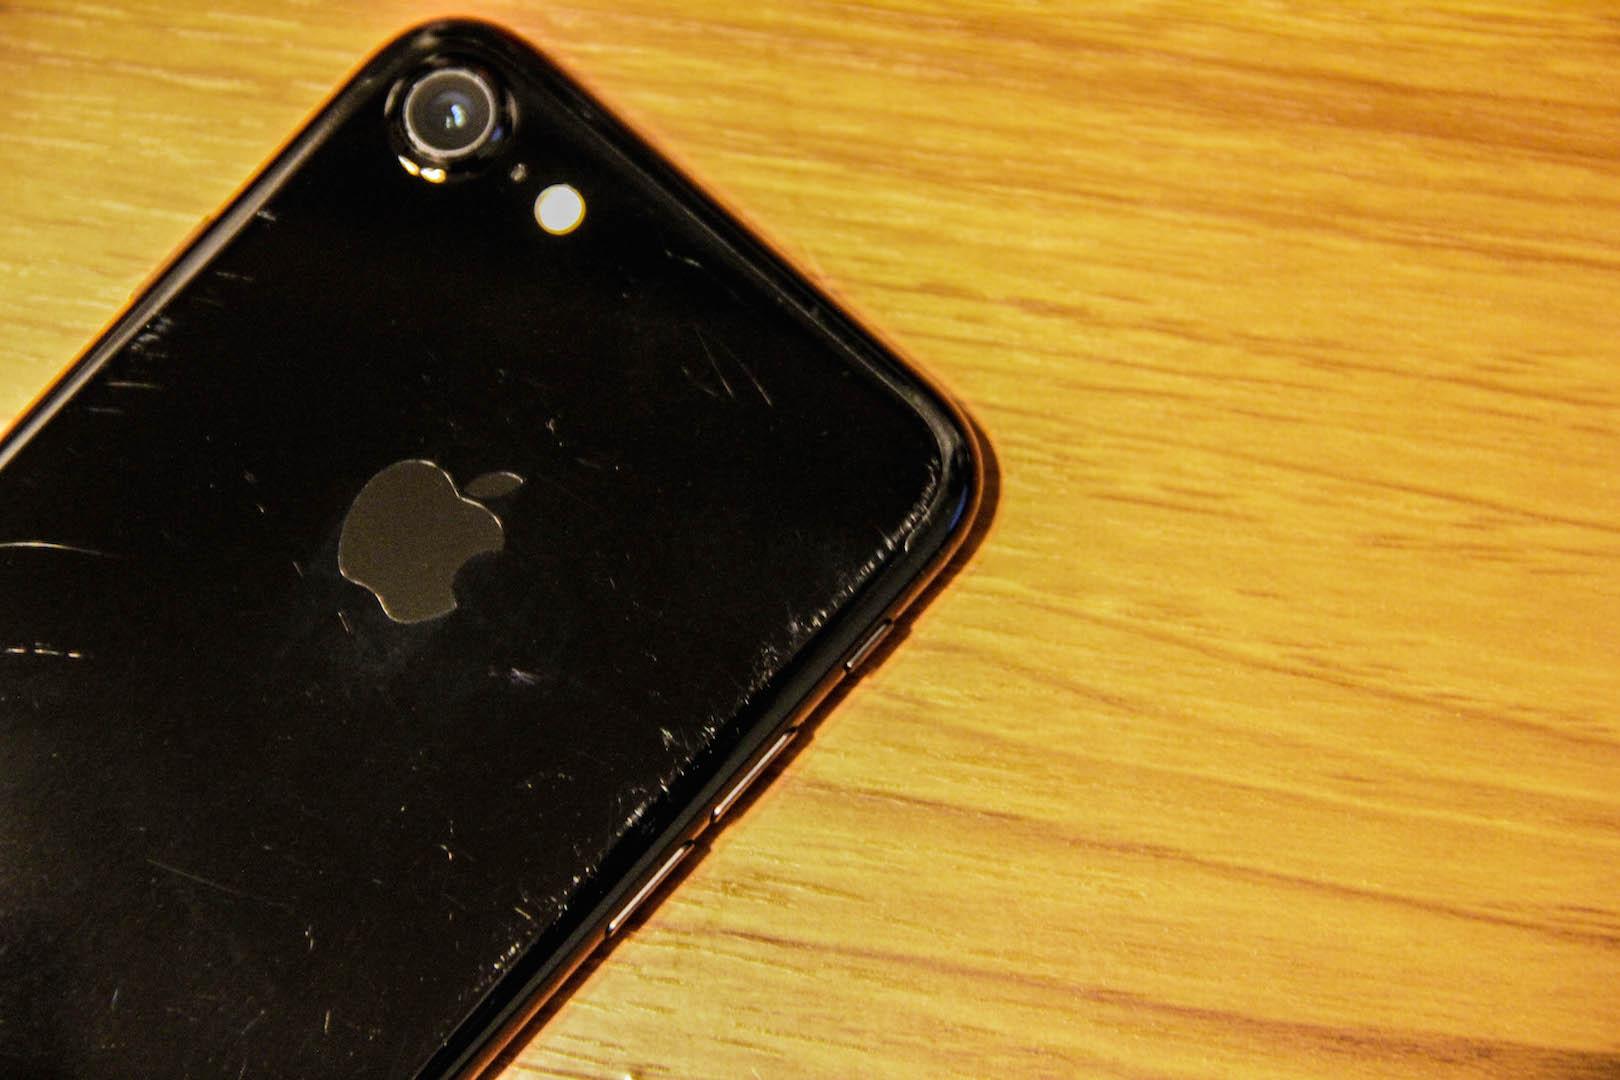 iPhone7ジェットブラックの本体の傷の写真